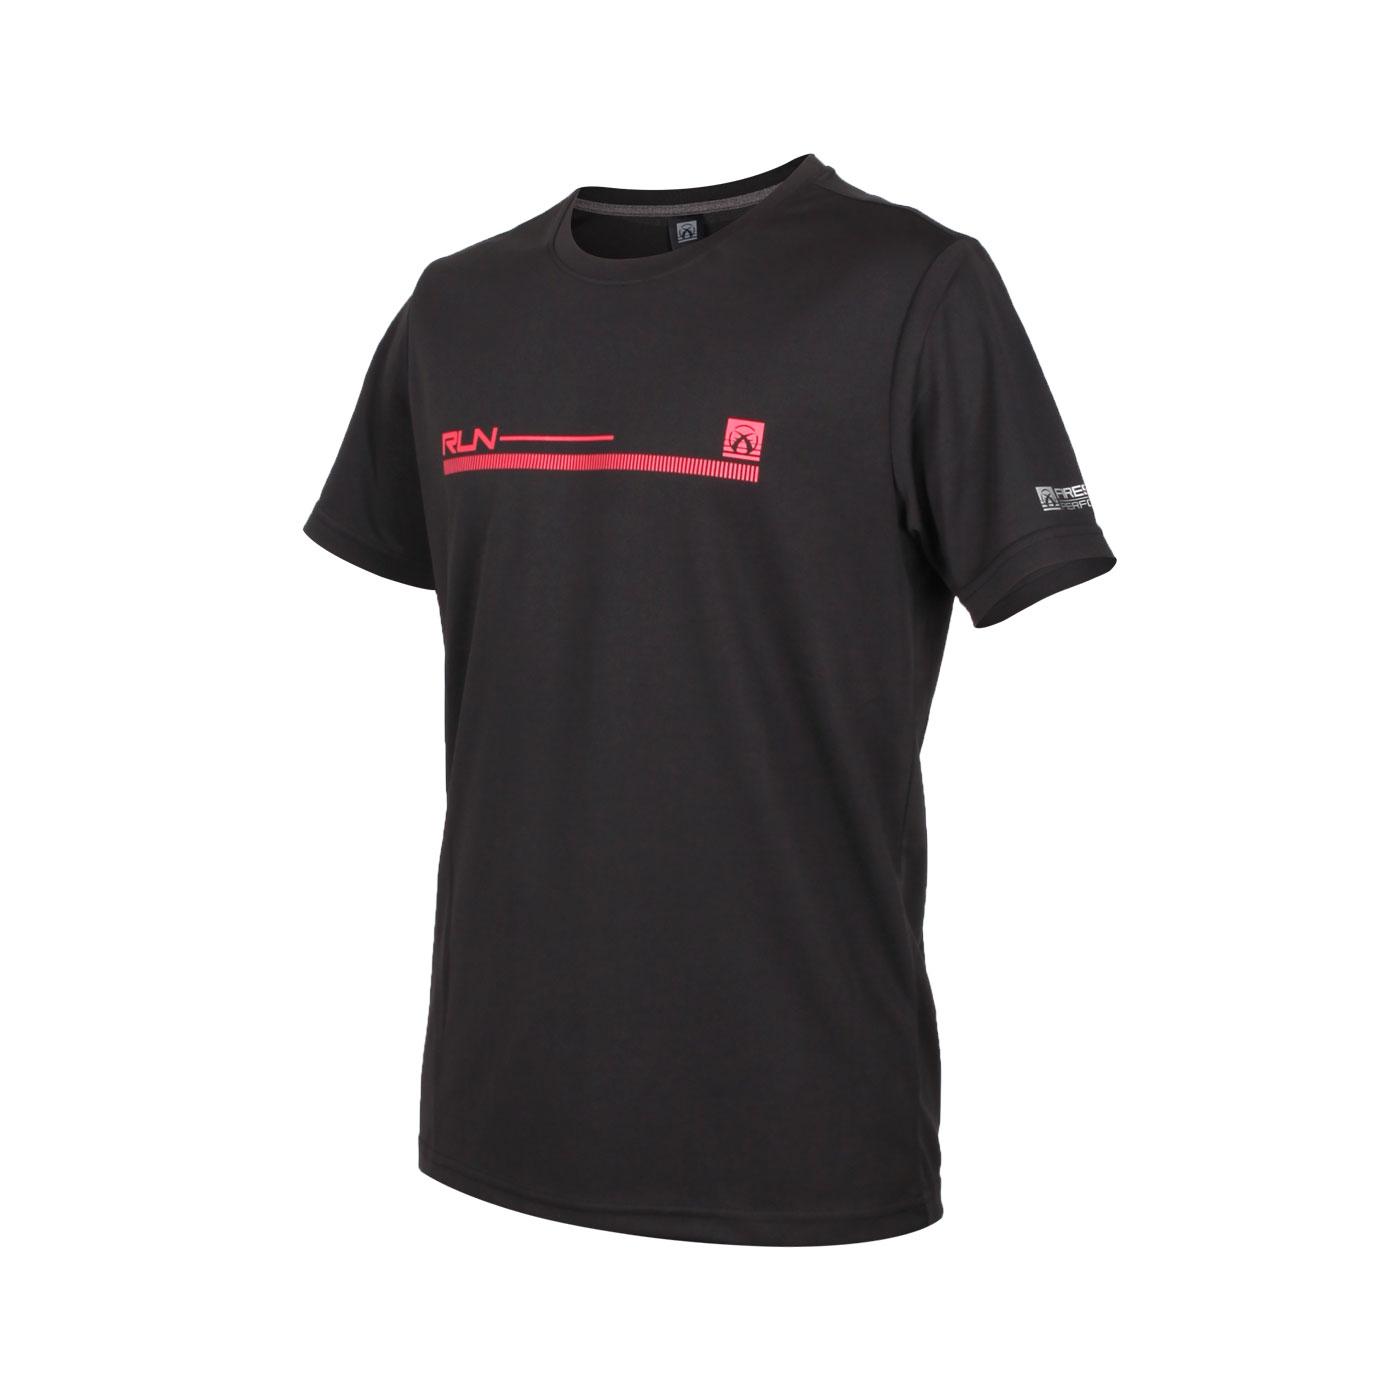 FIRESTAR 男款吸排印花圓領短袖T恤 D0536-10 - 黑紅